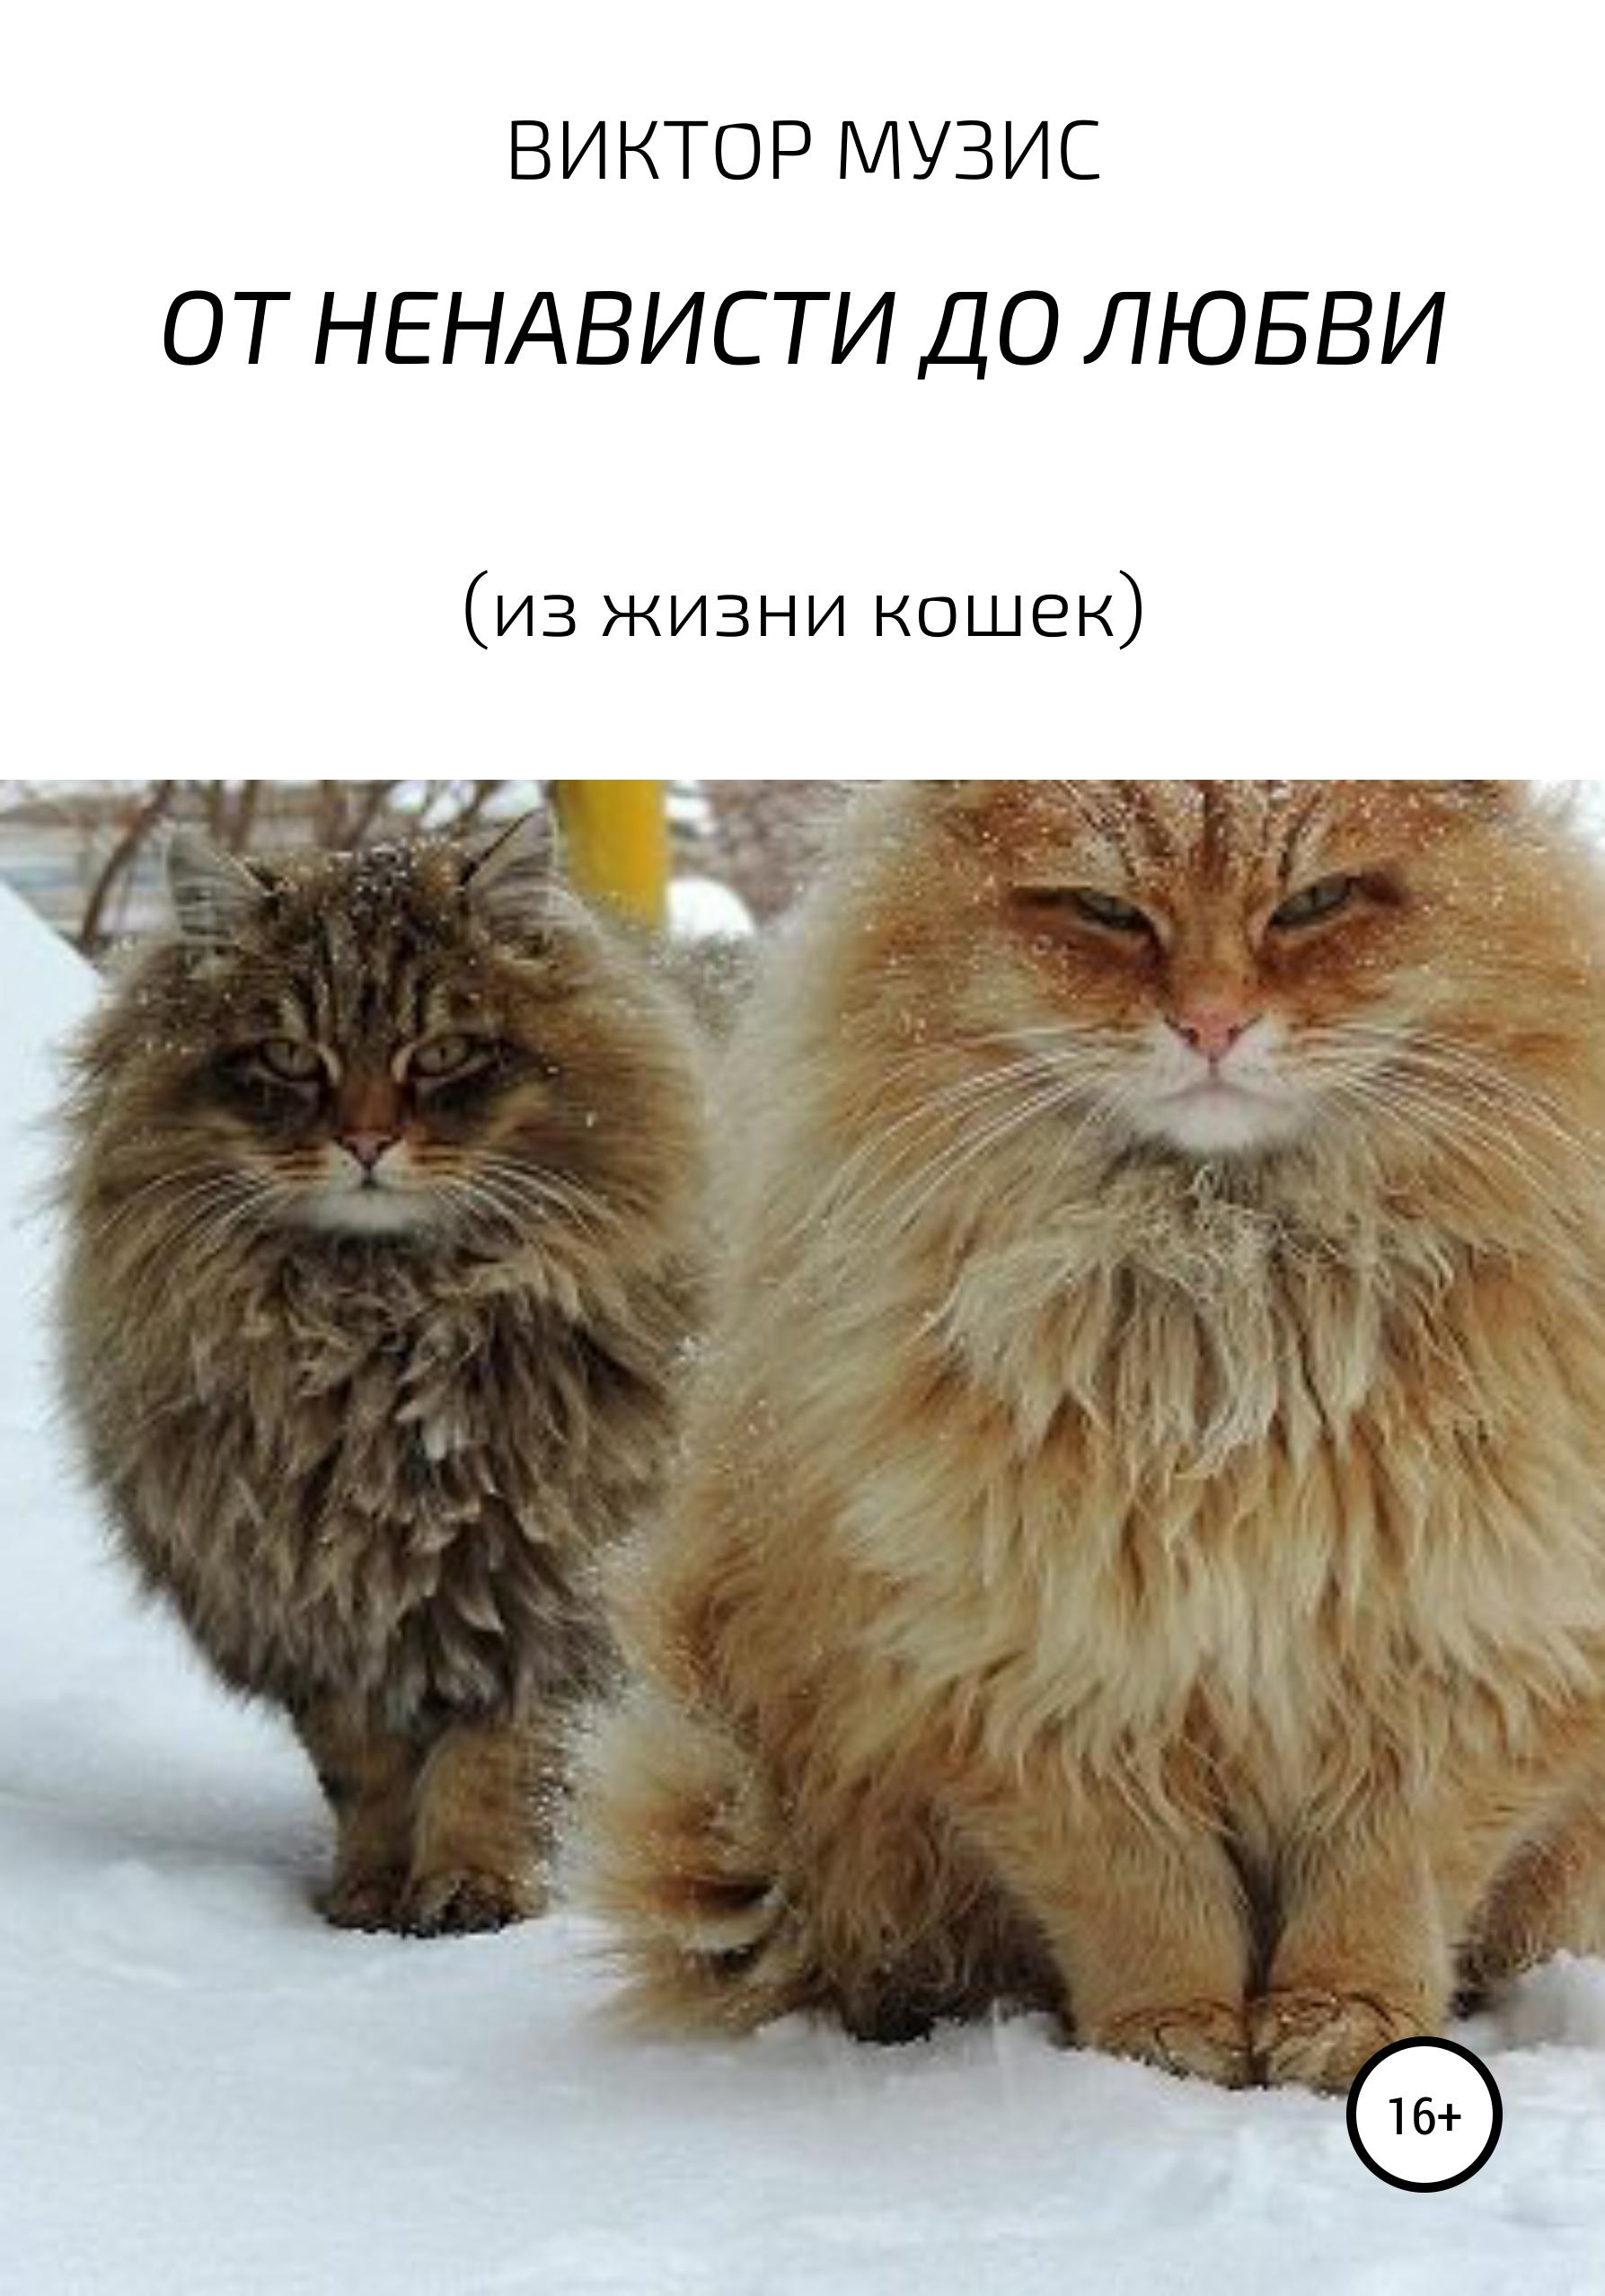 Фото - Виктор Музис От ненависти до любви (из жизни кошек) фото